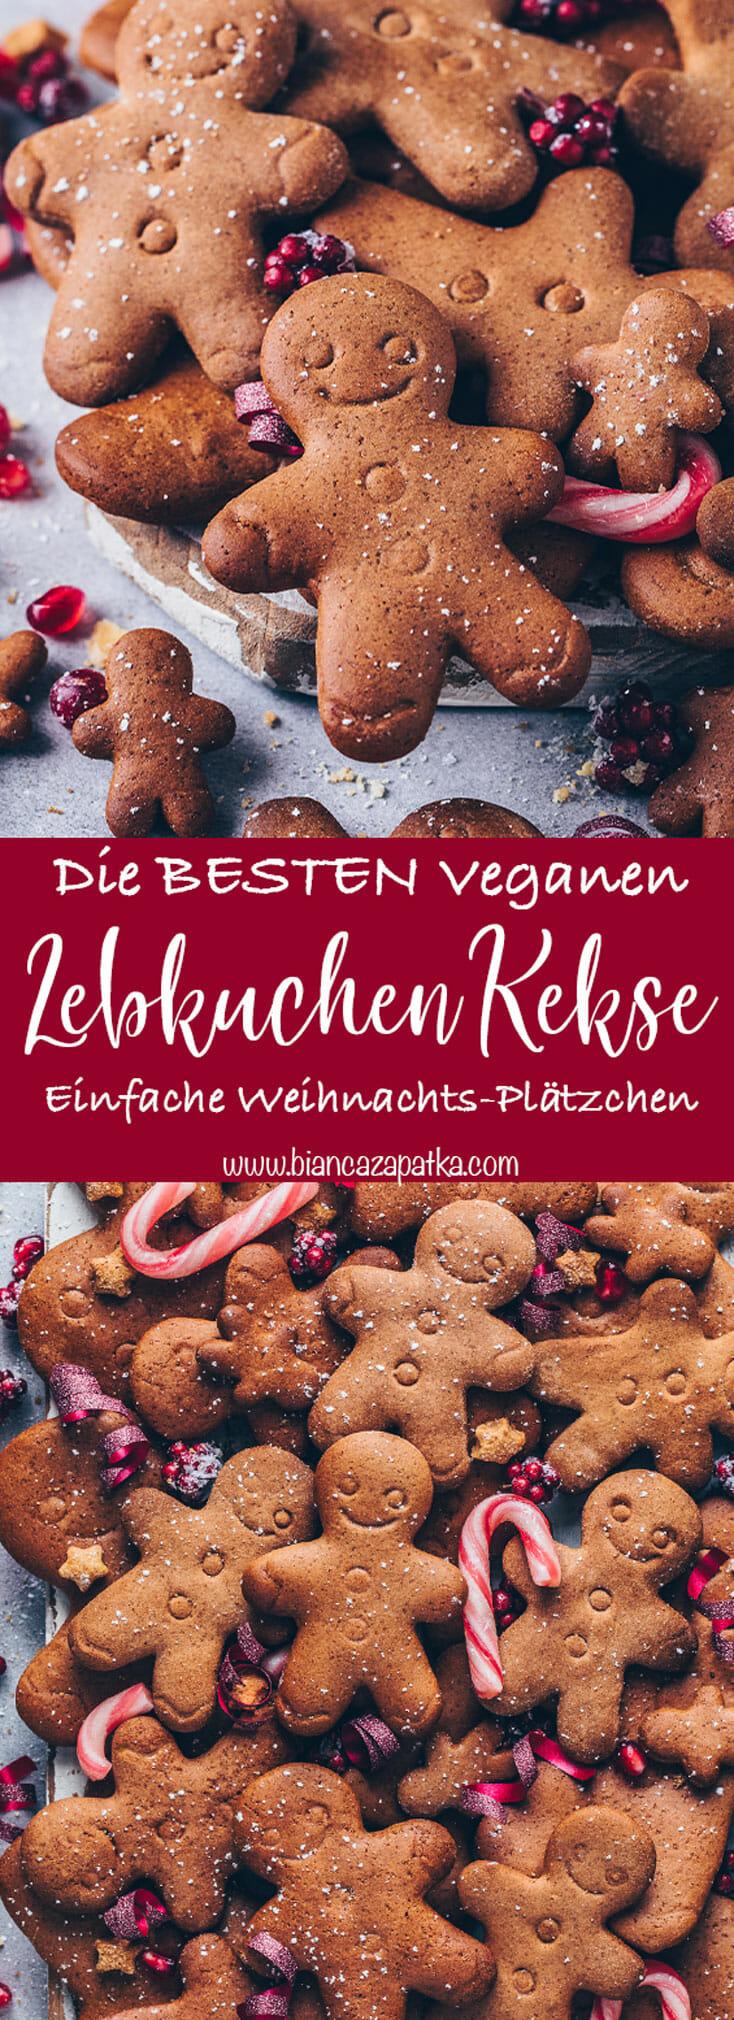 Lebkuchen Plätzchen, Lebkuchenmänner, Weihnachts-Kekse